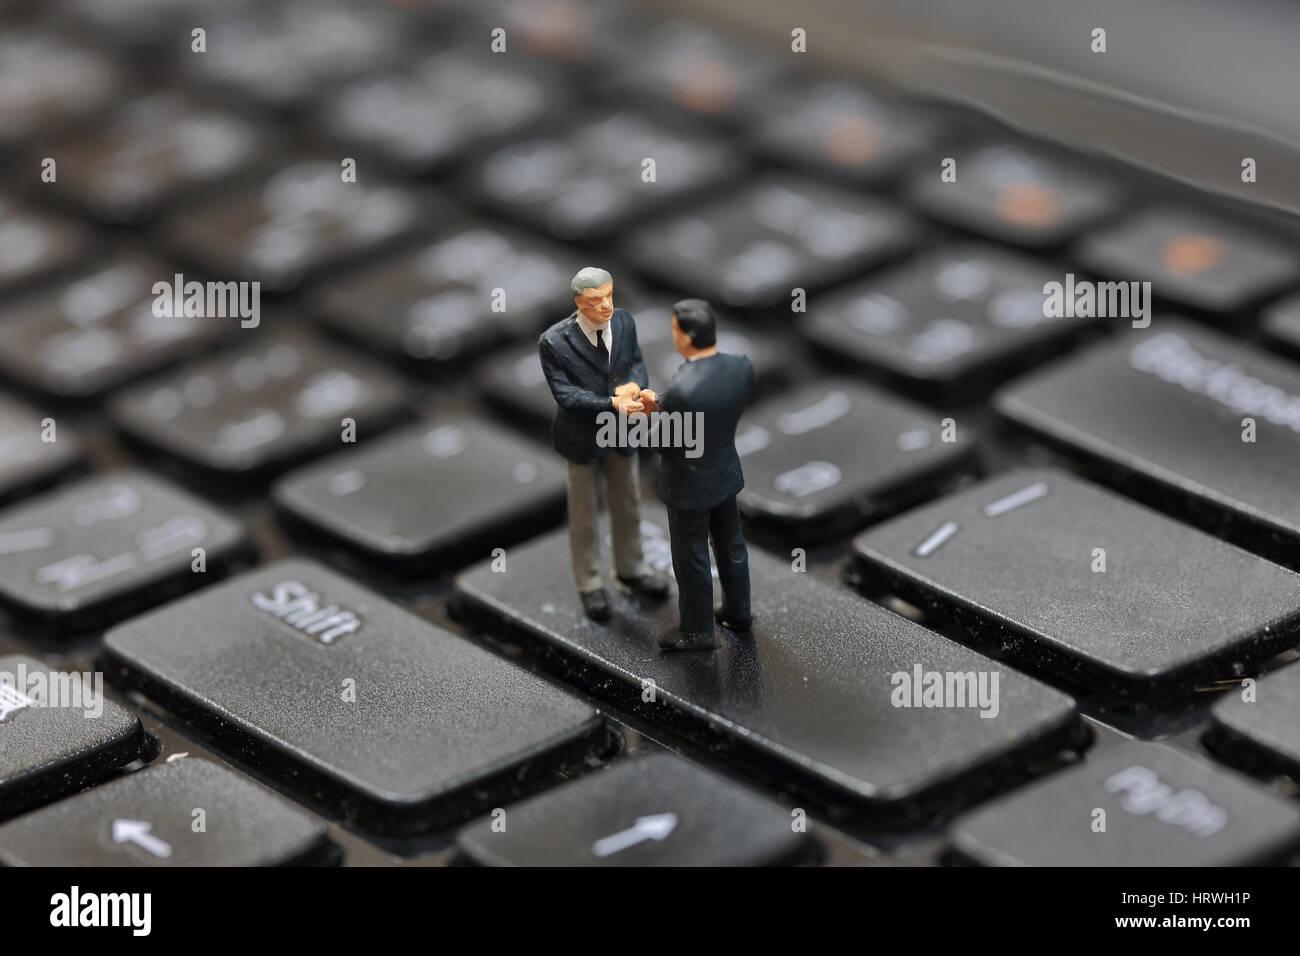 El enfoque selectivo de hombre de negocios en miniatura de apretón de manos en el botón Enter del teclado portátil Foto de stock